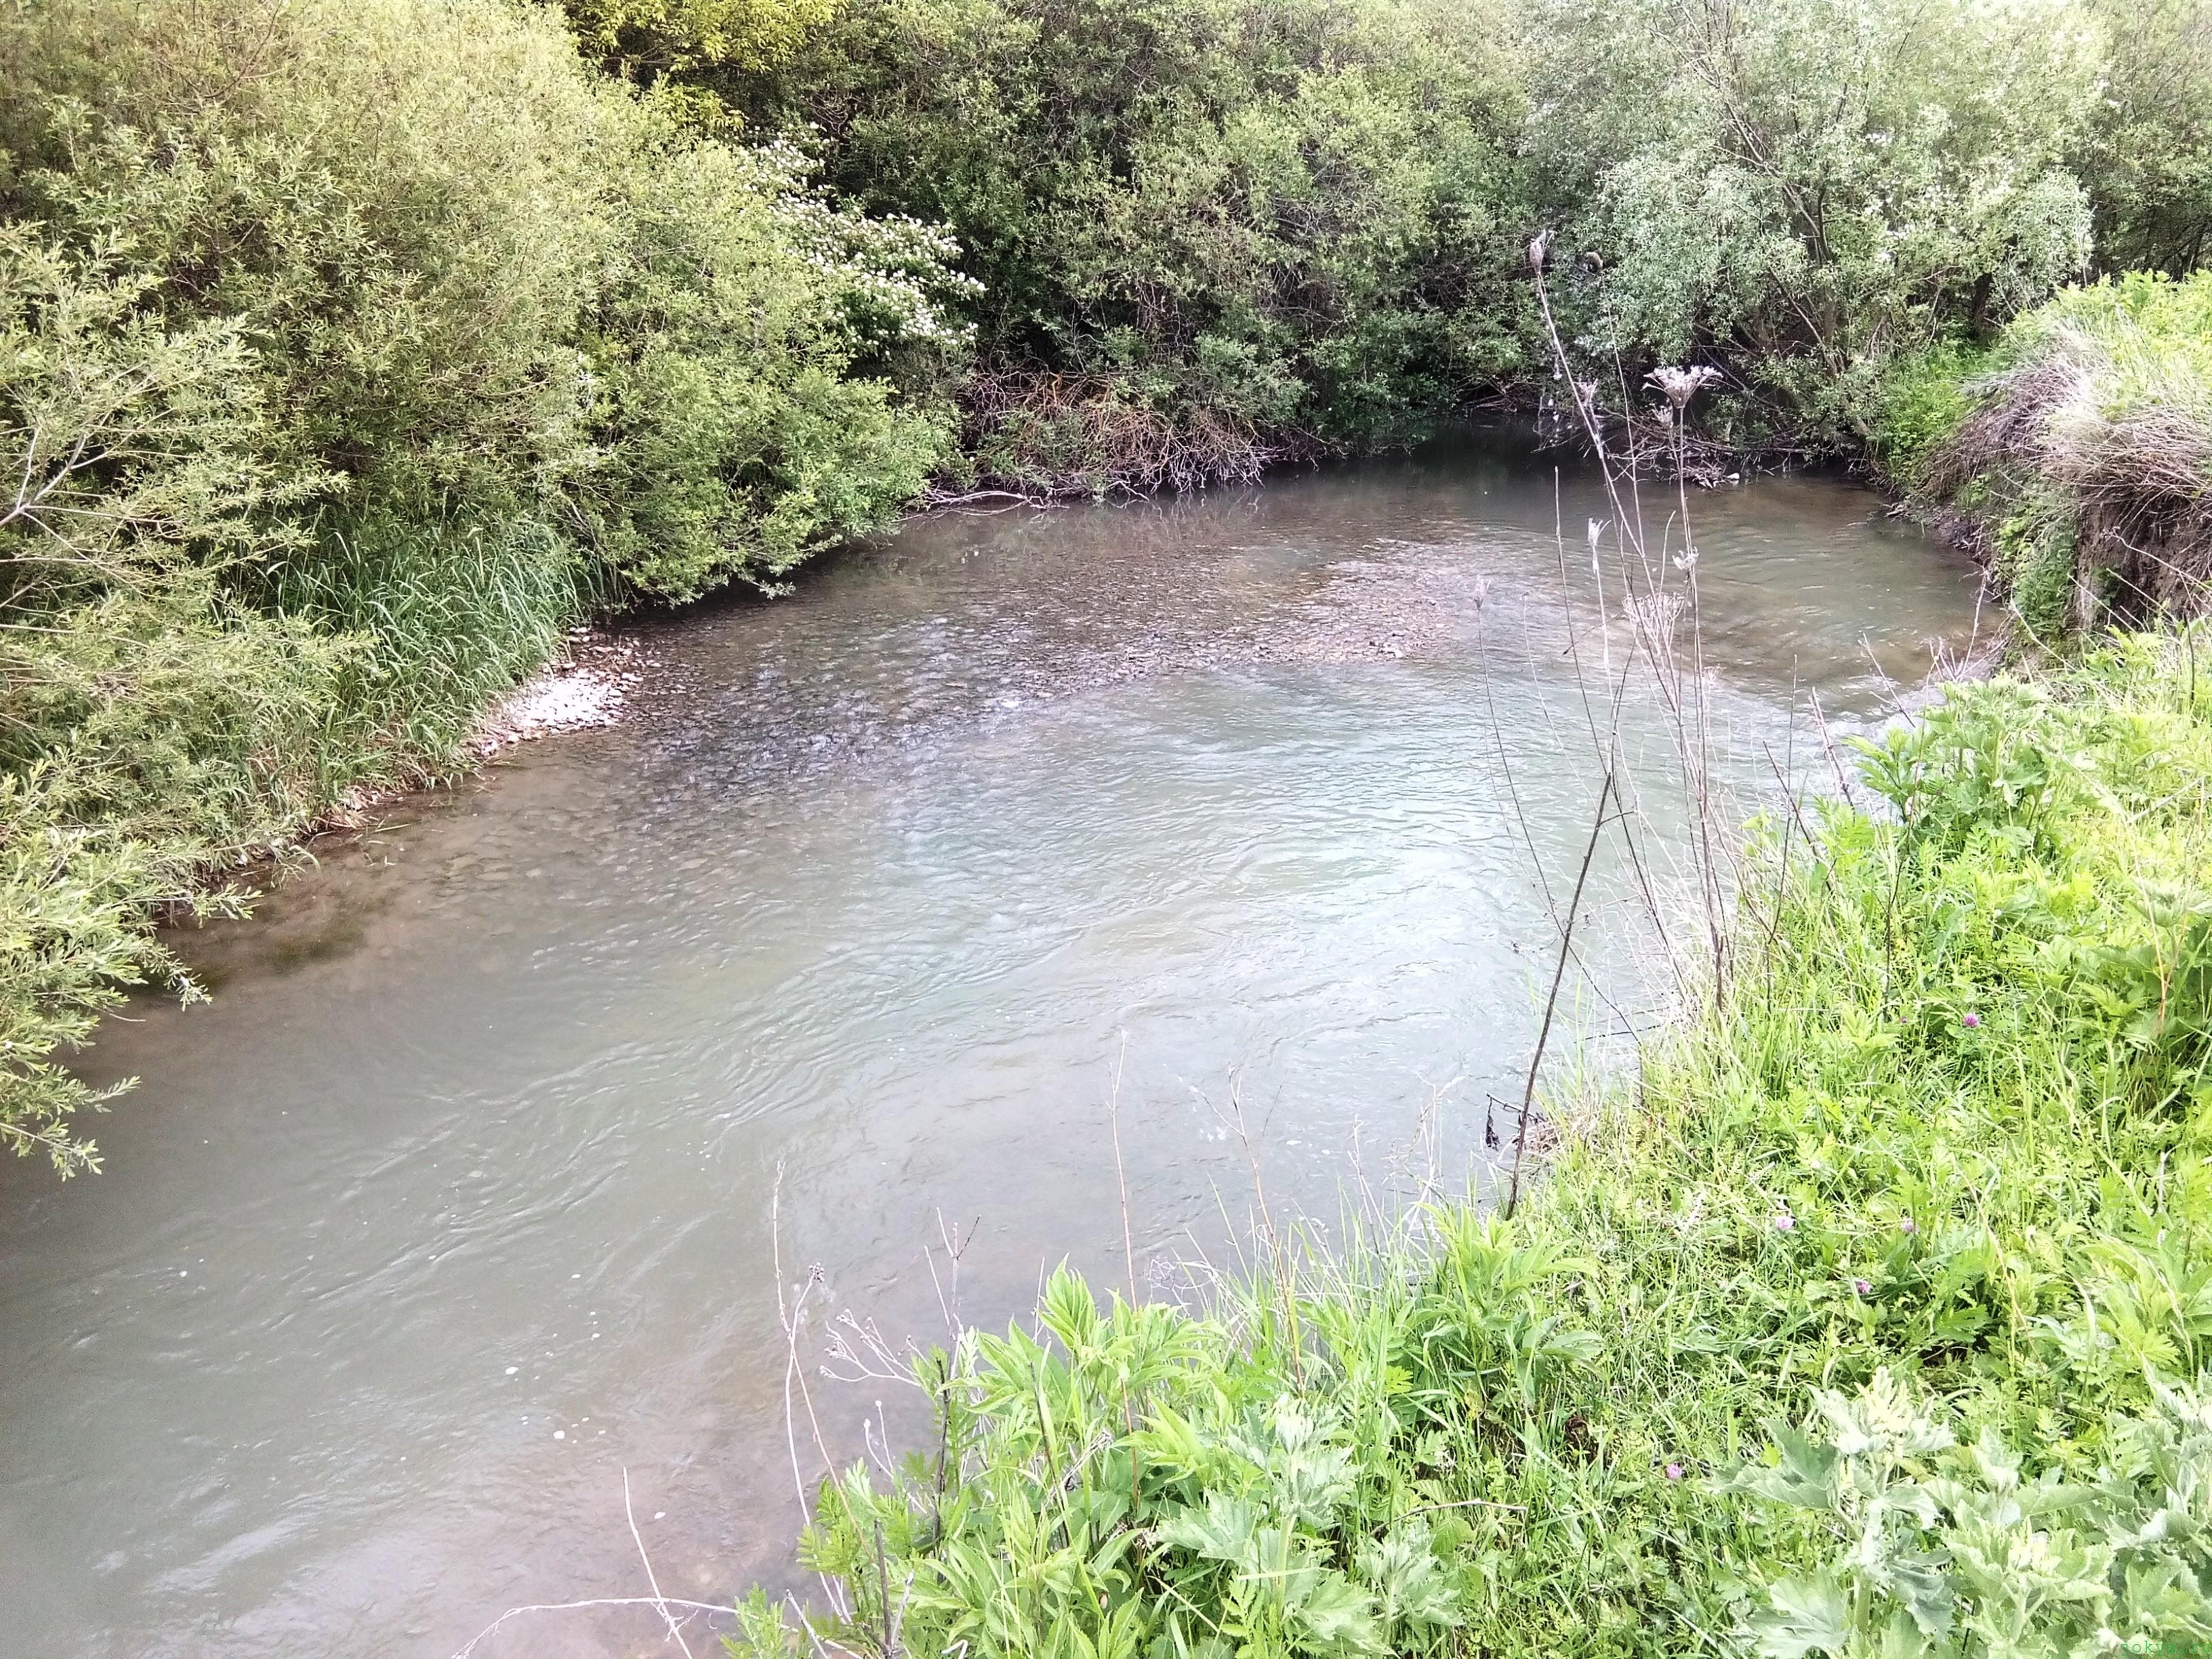 Рыбные места на речке биюк-карасу в Крыму фото заметка о Крыме jokya.ru